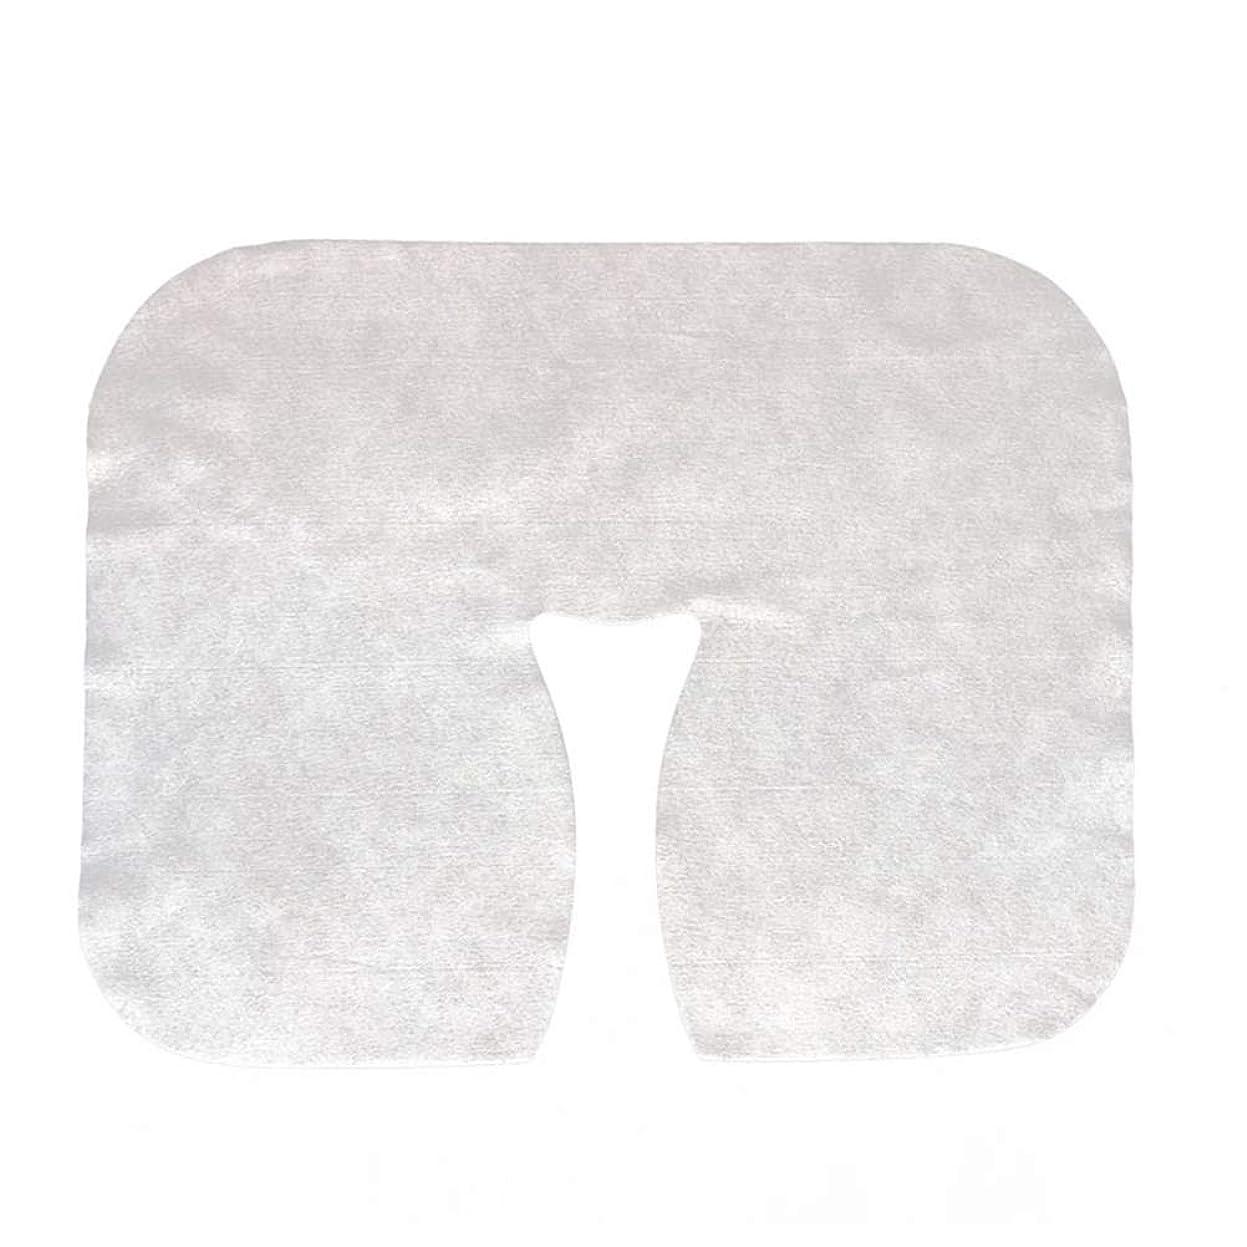 剣主権者逆Lurrose 200枚 使い捨て マッサージ フェイスクレードル カバー フェイスマッサージヘッドレストカバースパ美容サロンマッサージ用マット(ホワイト)